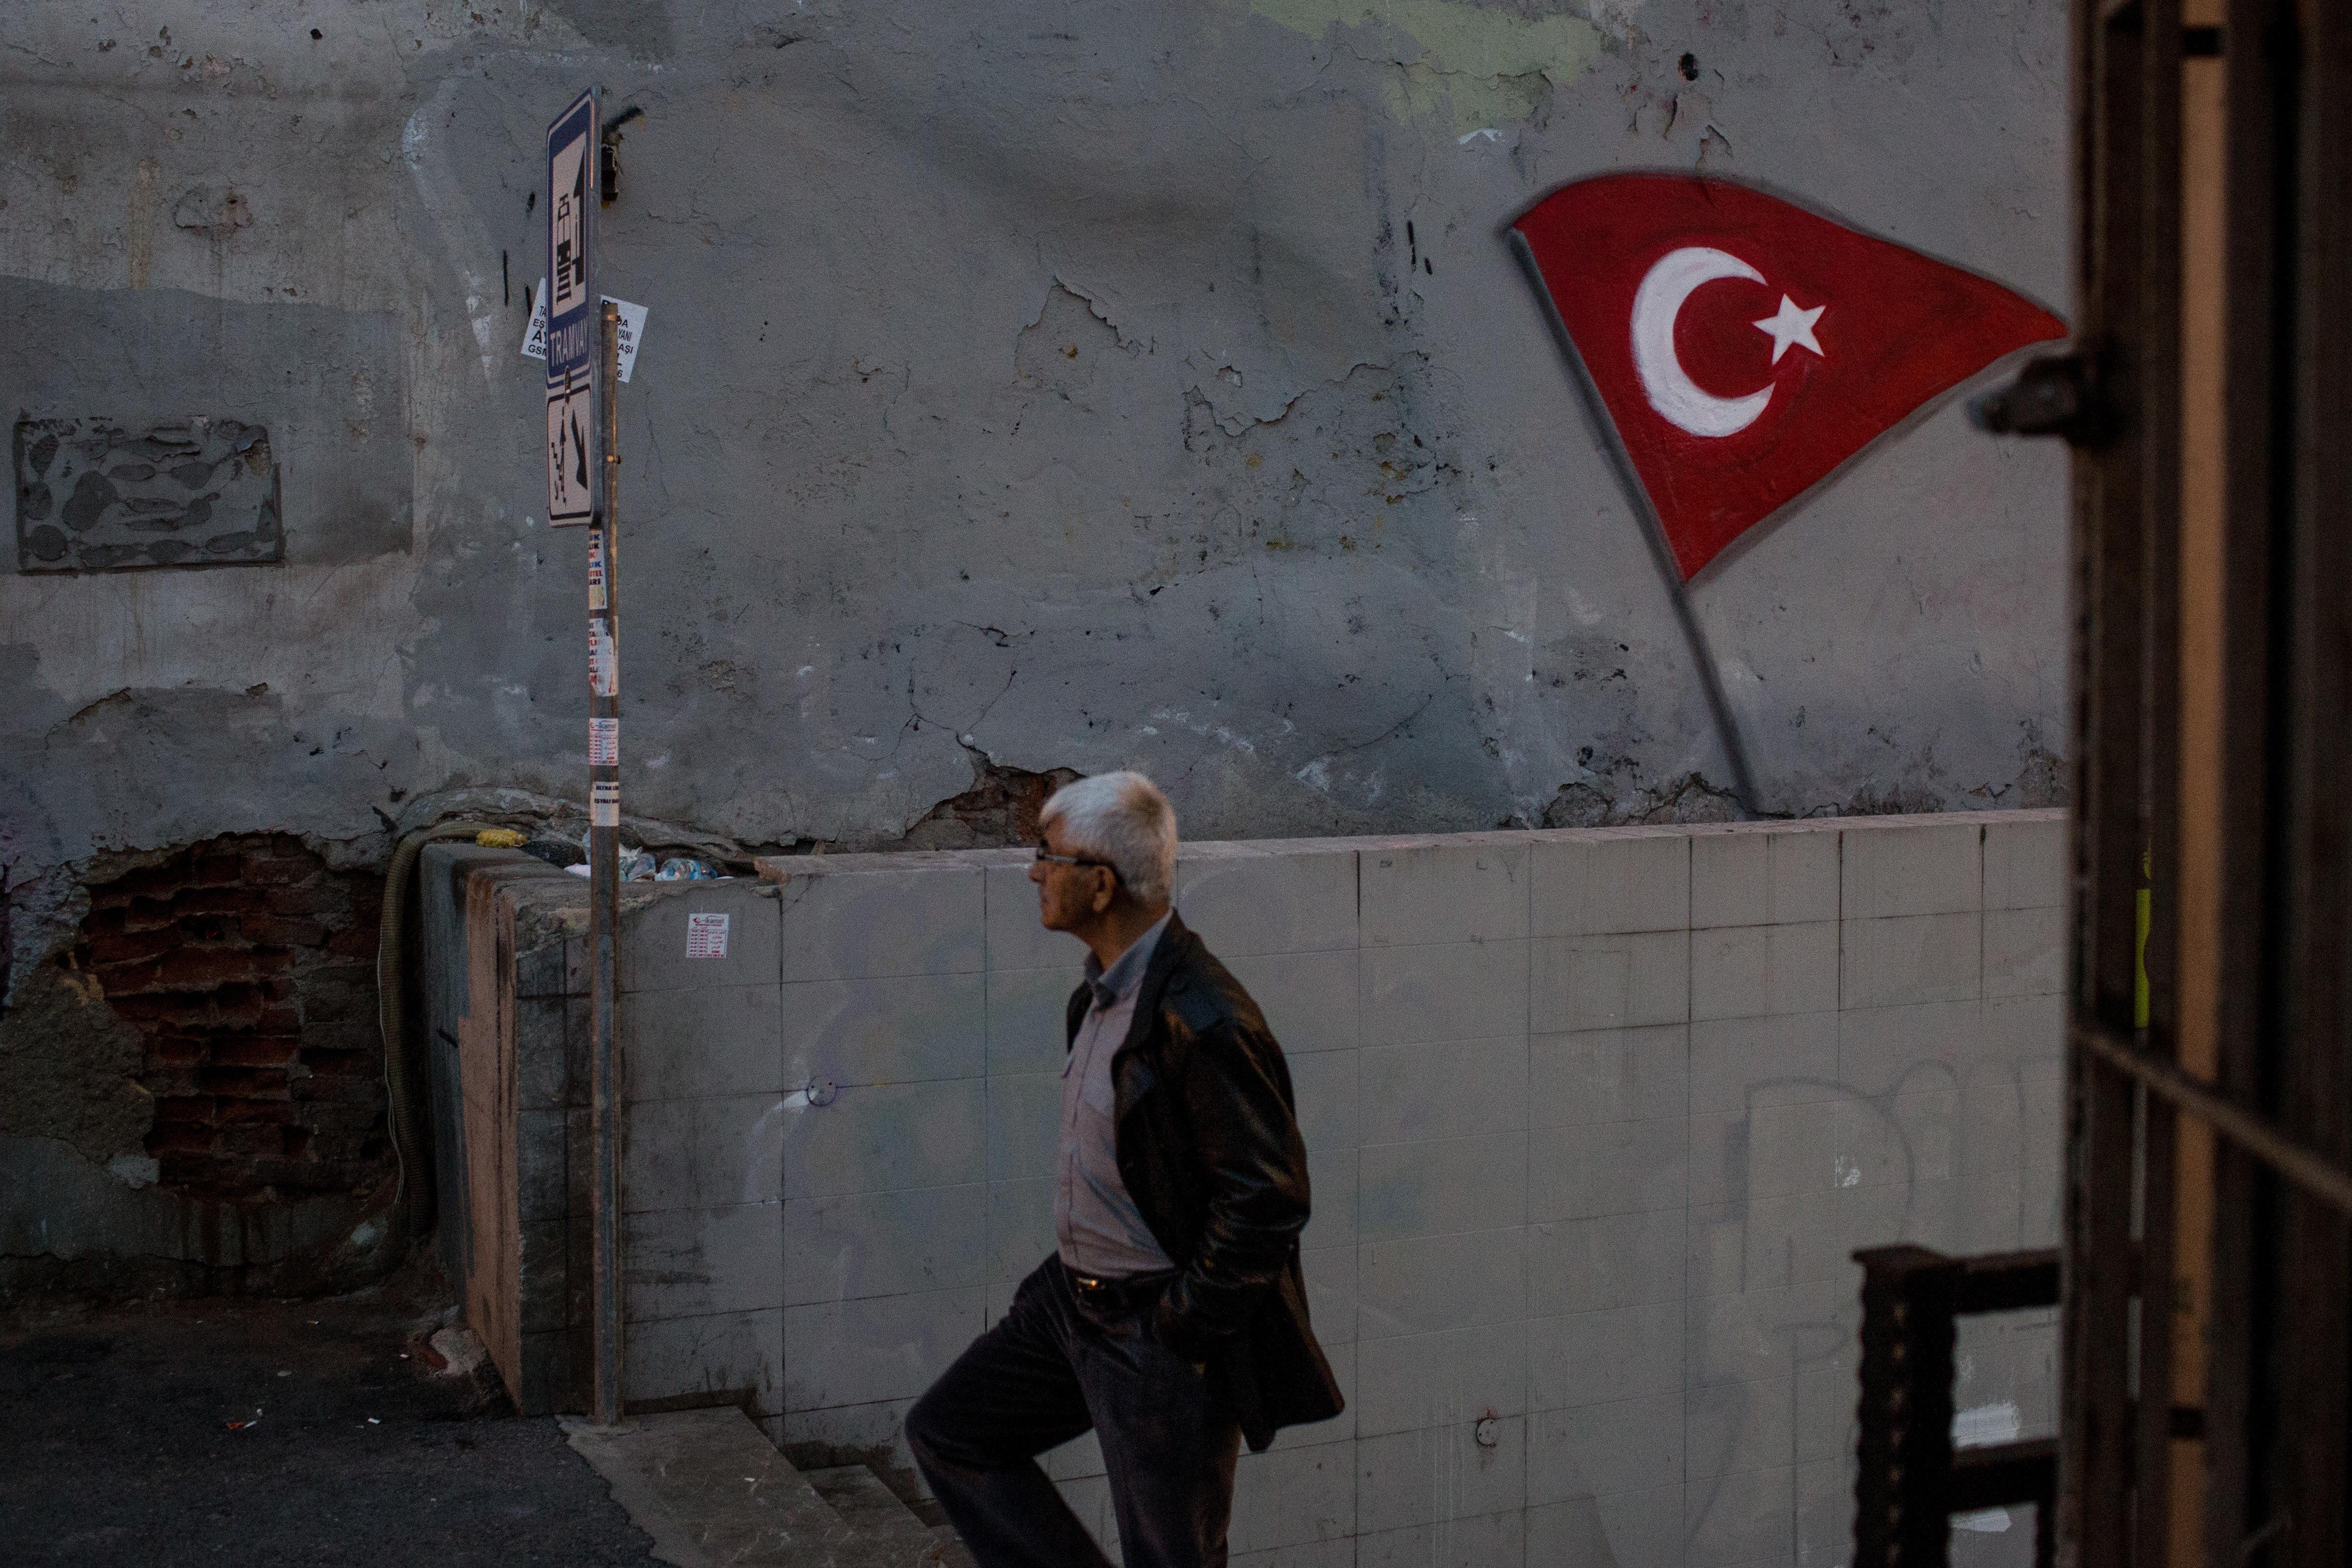 «Ένα παγερό κλίμα φόβου εξαπλώνεται στην τουρκική κοινωνία». Η έκθεση της Διεθνούς Αμνηστίας για την Τουρκία του